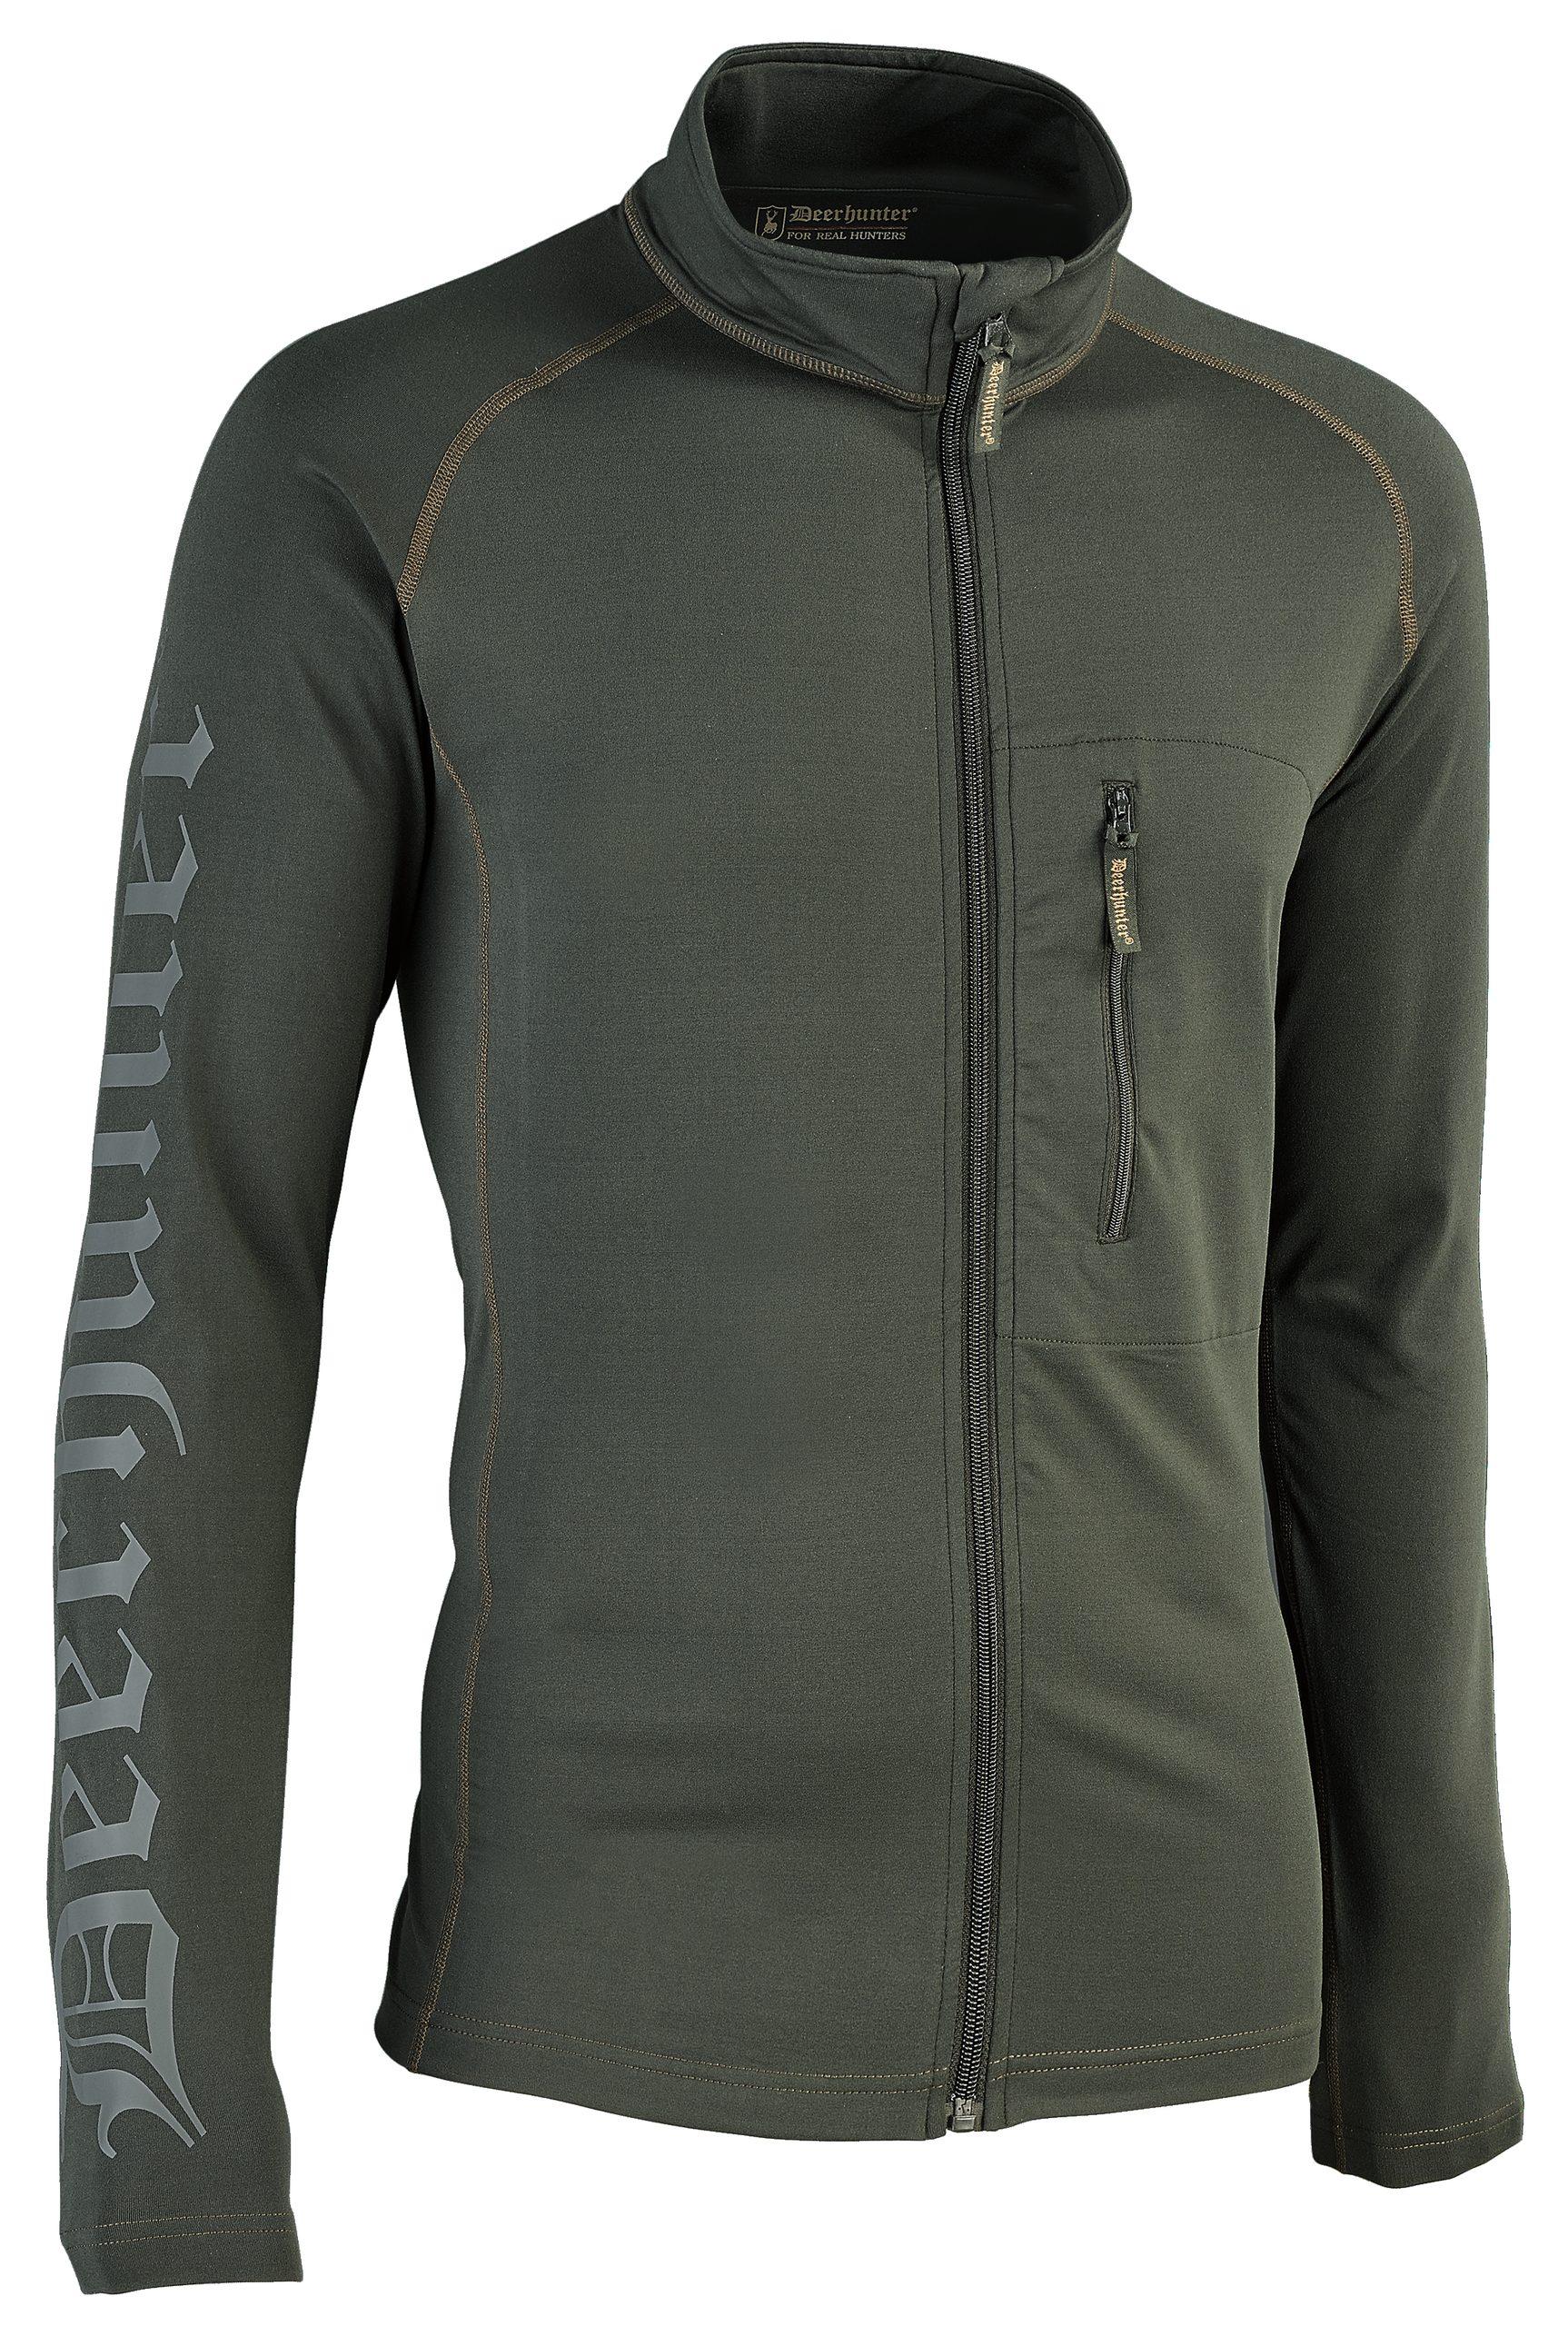 Fleece functional Deerhunter Greystone